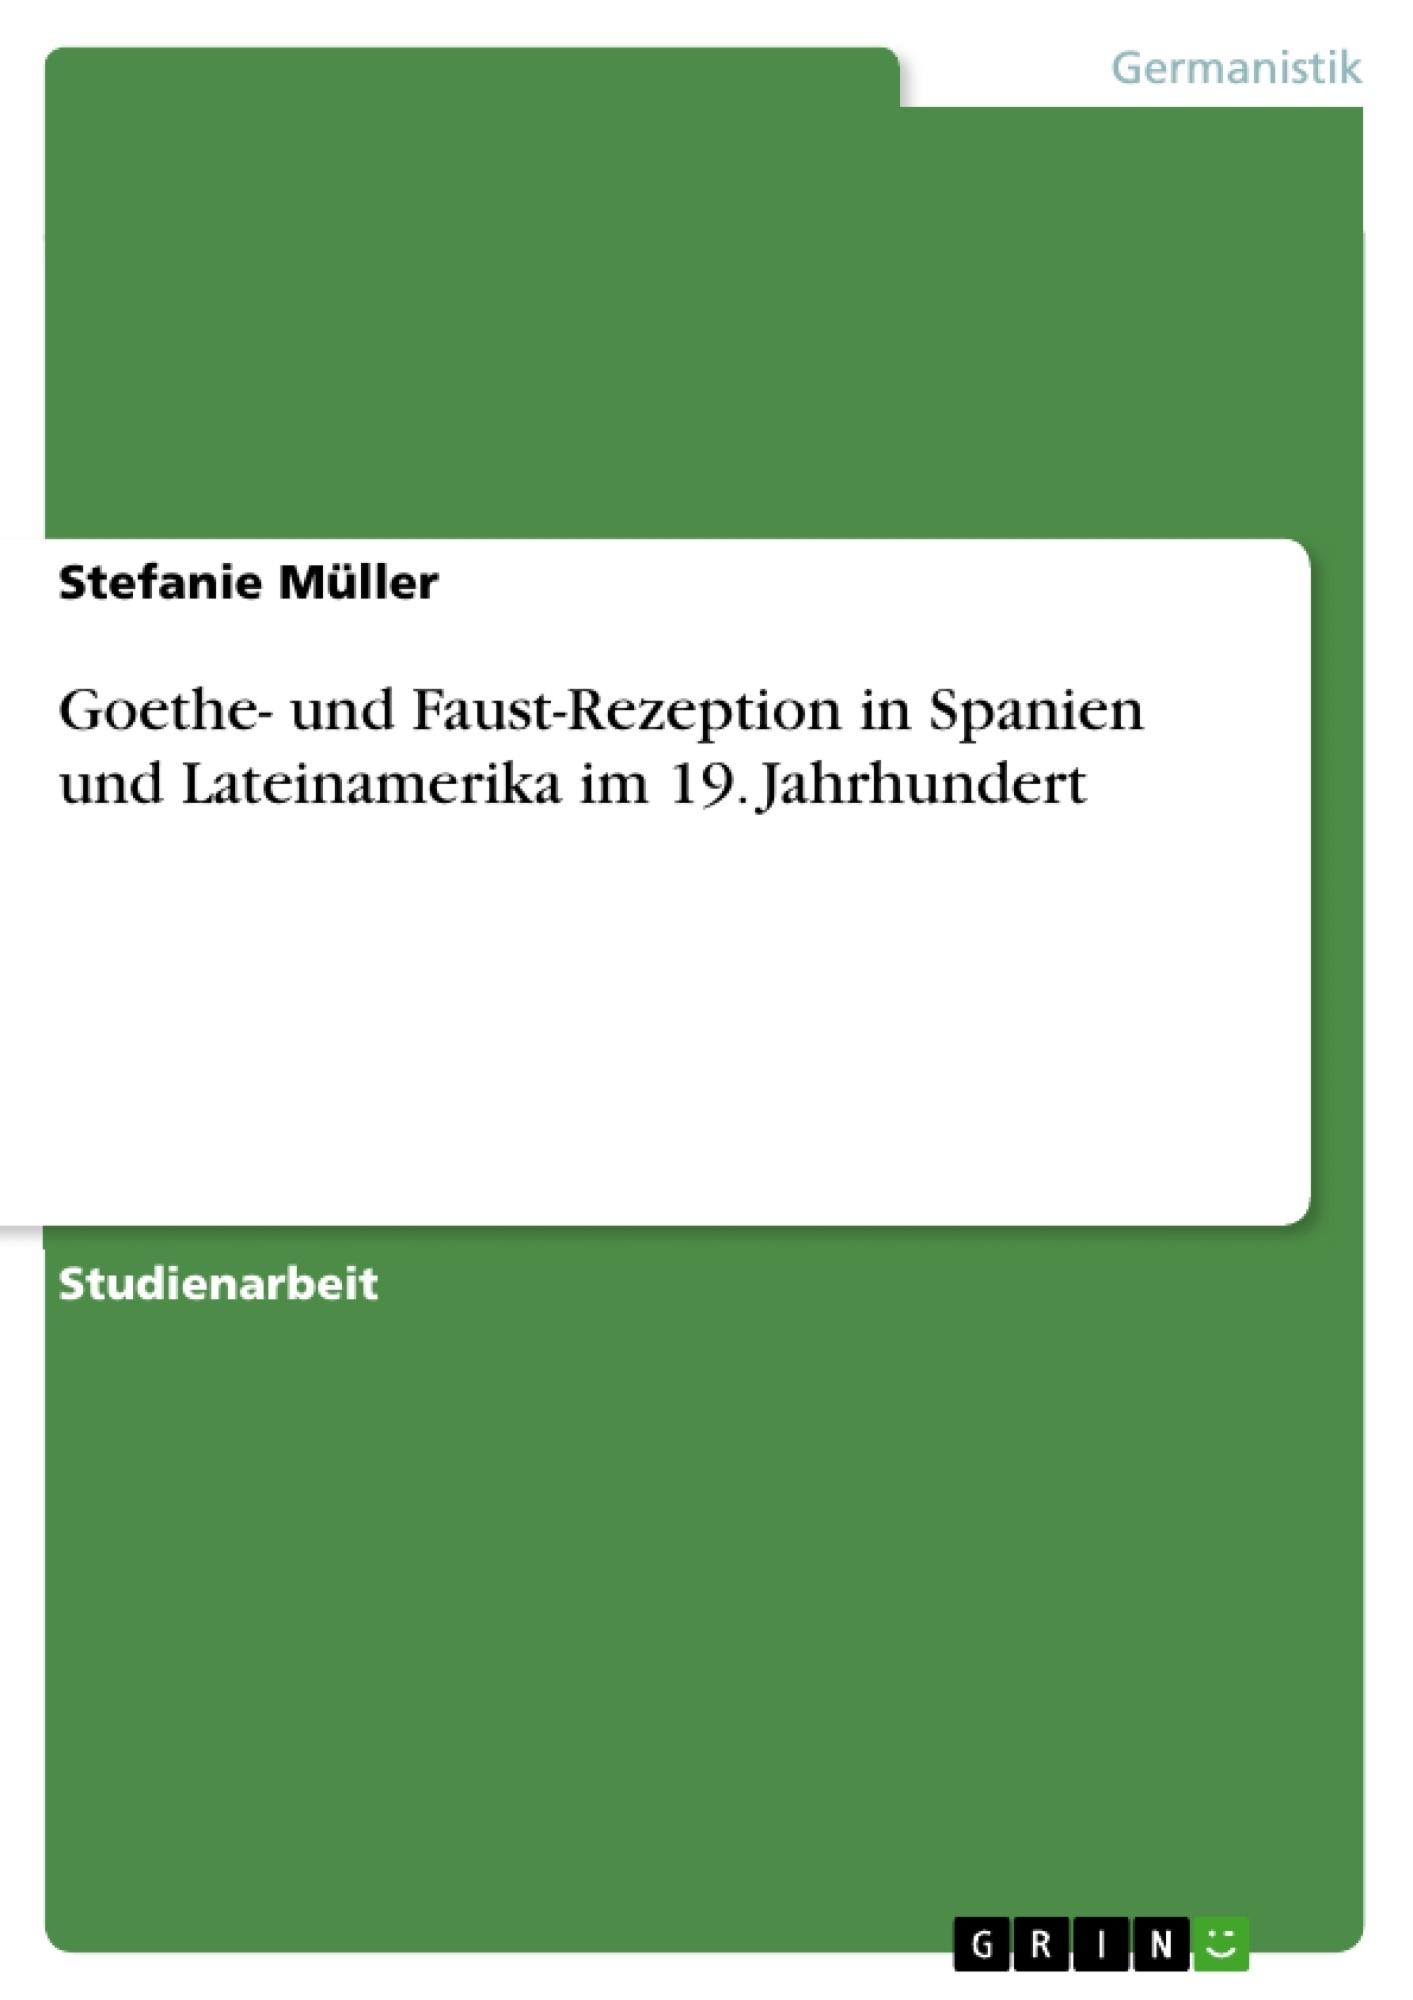 Titel: Goethe- und Faust-Rezeption in Spanien und Lateinamerika im 19. Jahrhundert